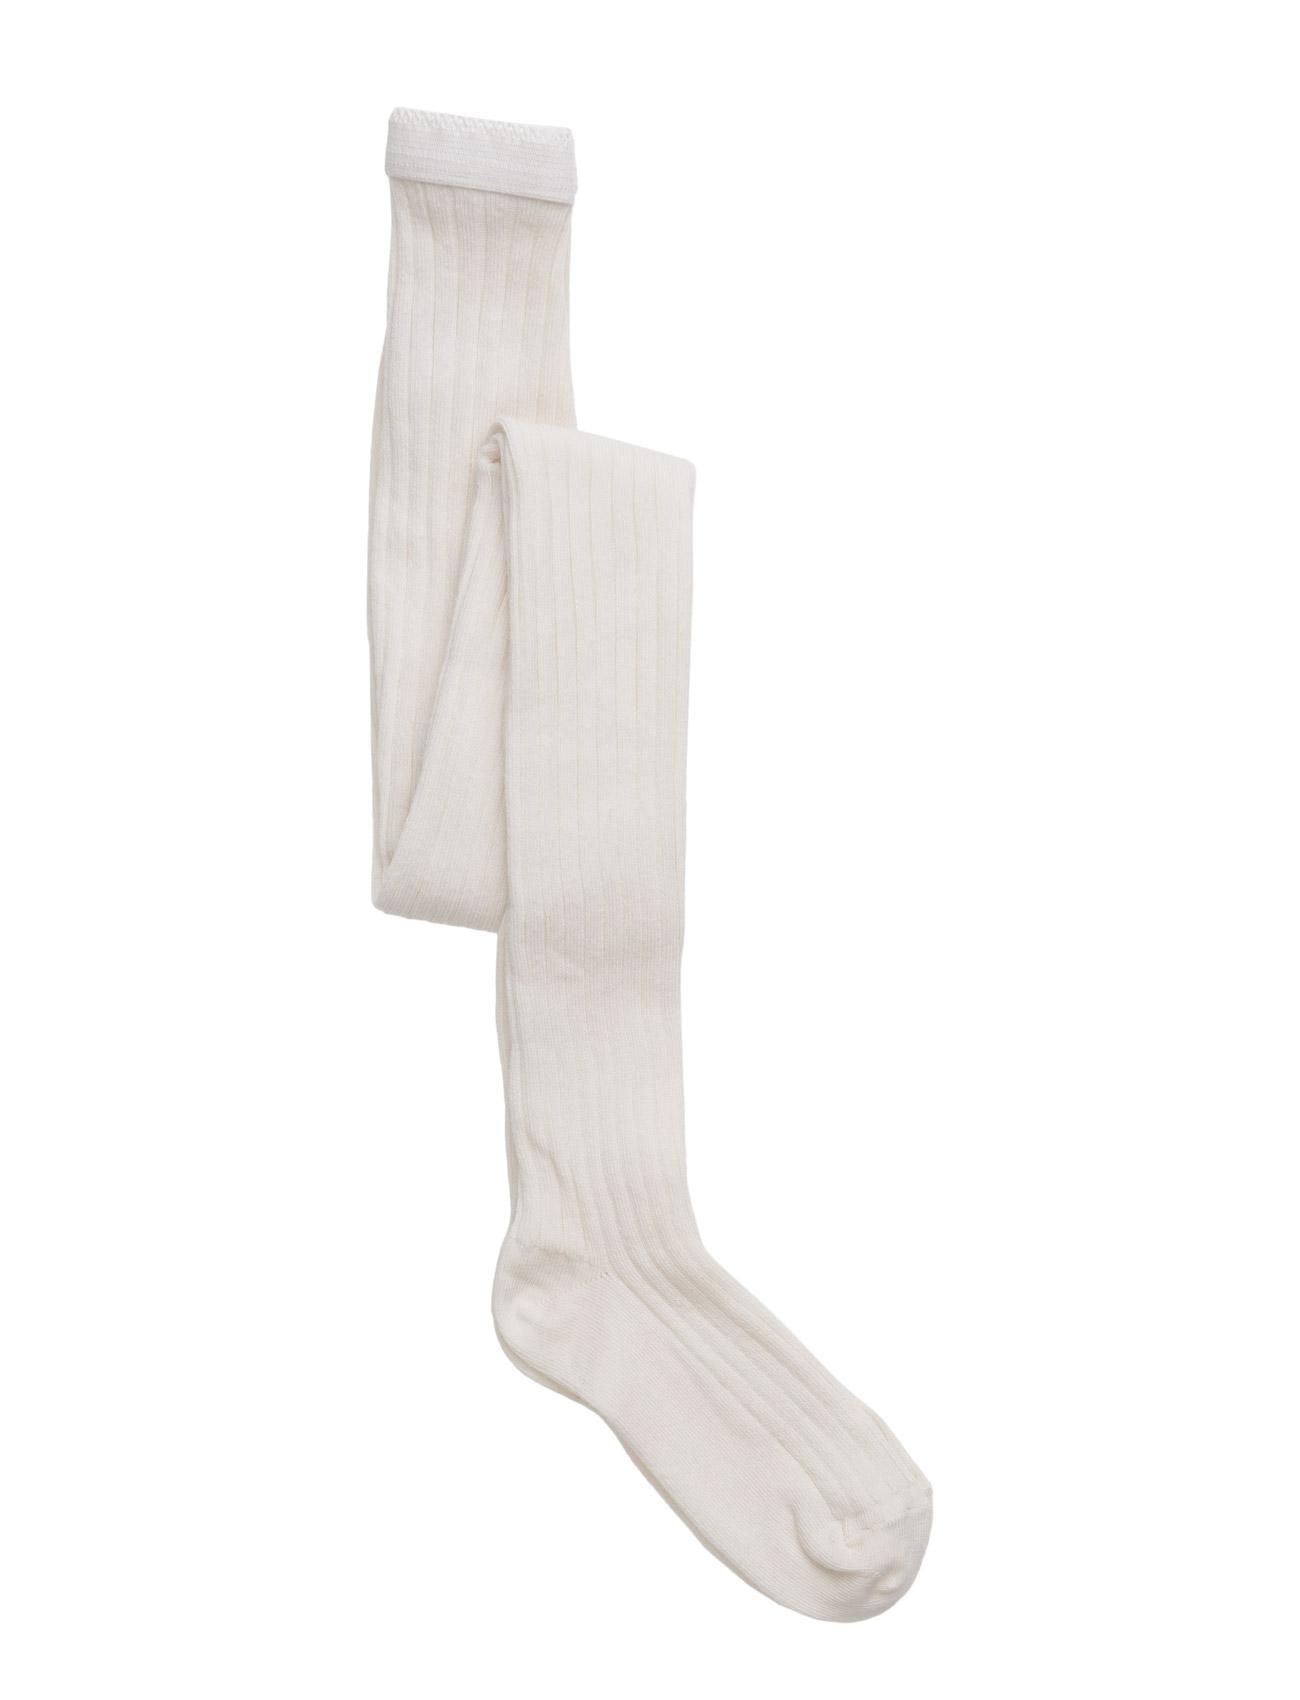 4233840b9425 Køb Tights Cotton Rib mp Denmark Strømper   Strømpebukser i til Børn på  nettet